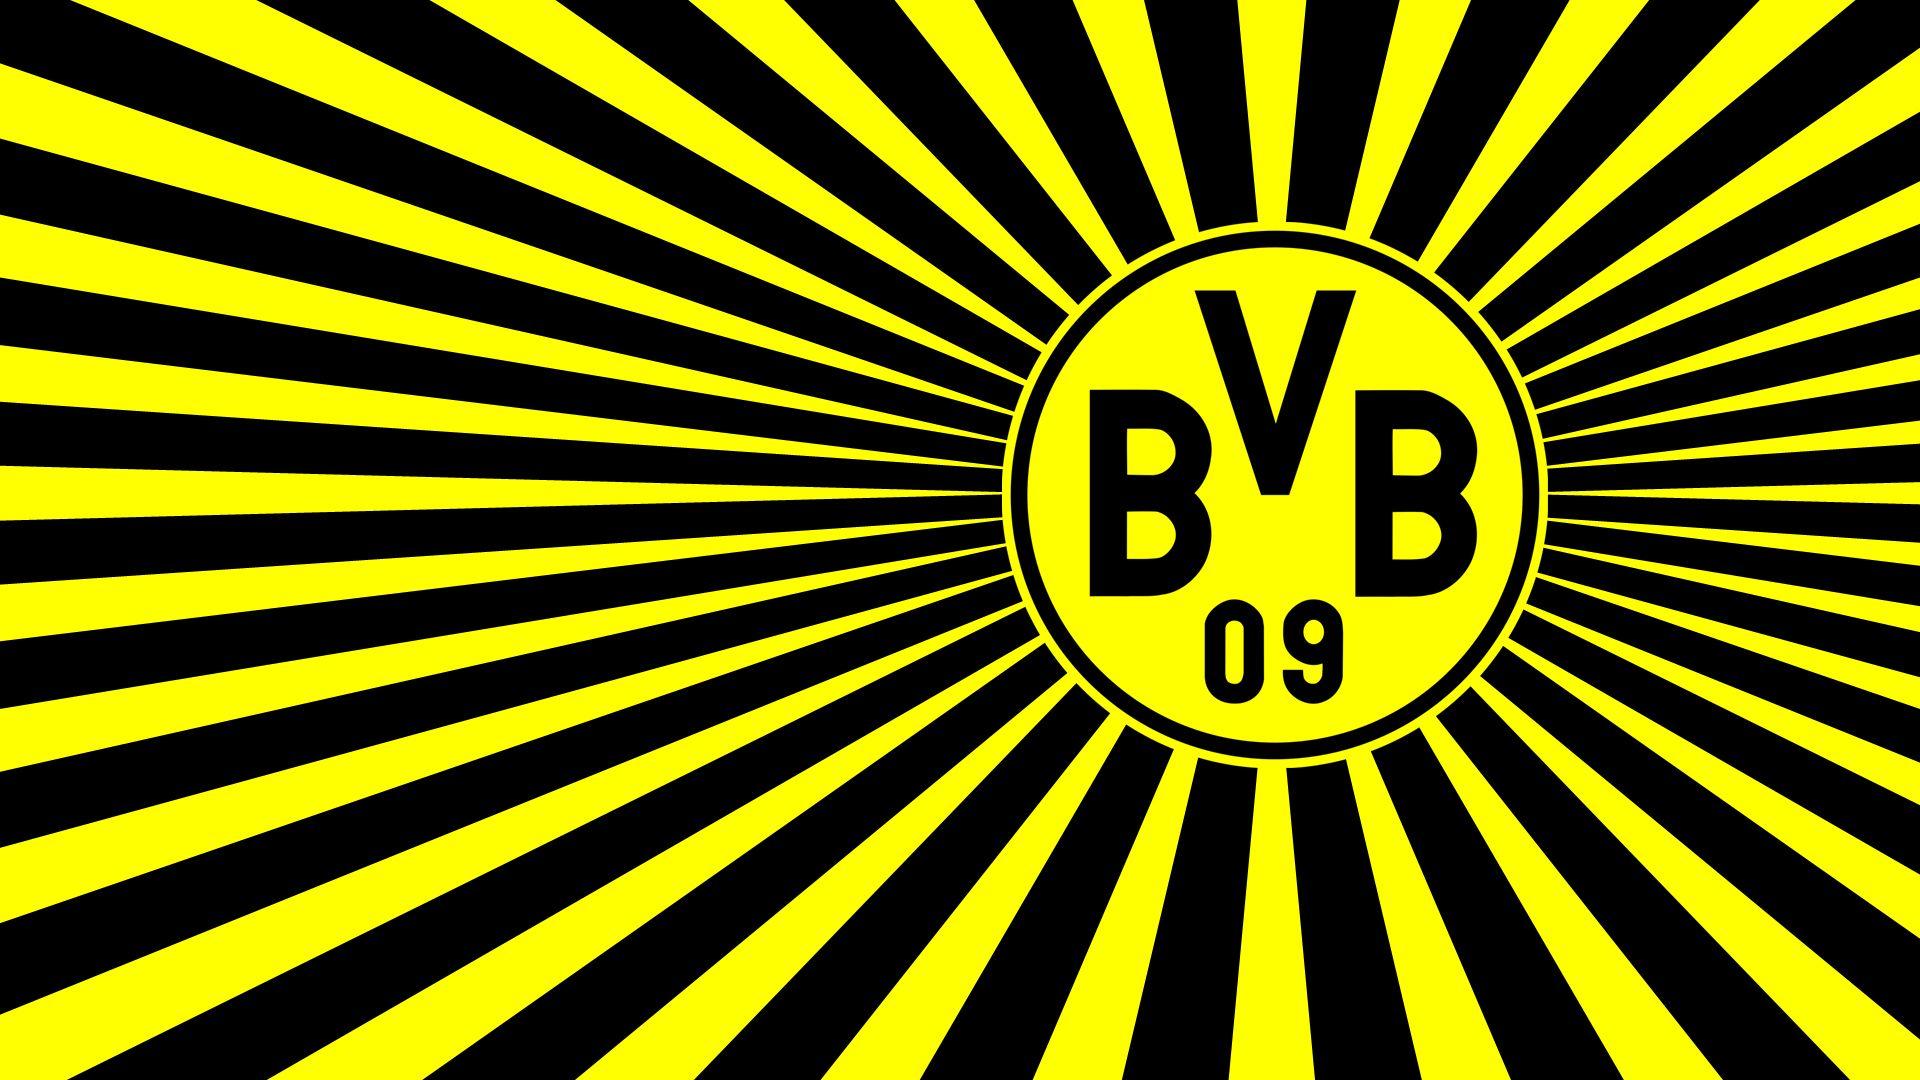 Borussia Dortmund Hd Wallpaper Full Hd Pictures Borussia Dortmund Wallpaper Dortmund Borussia Dortmund